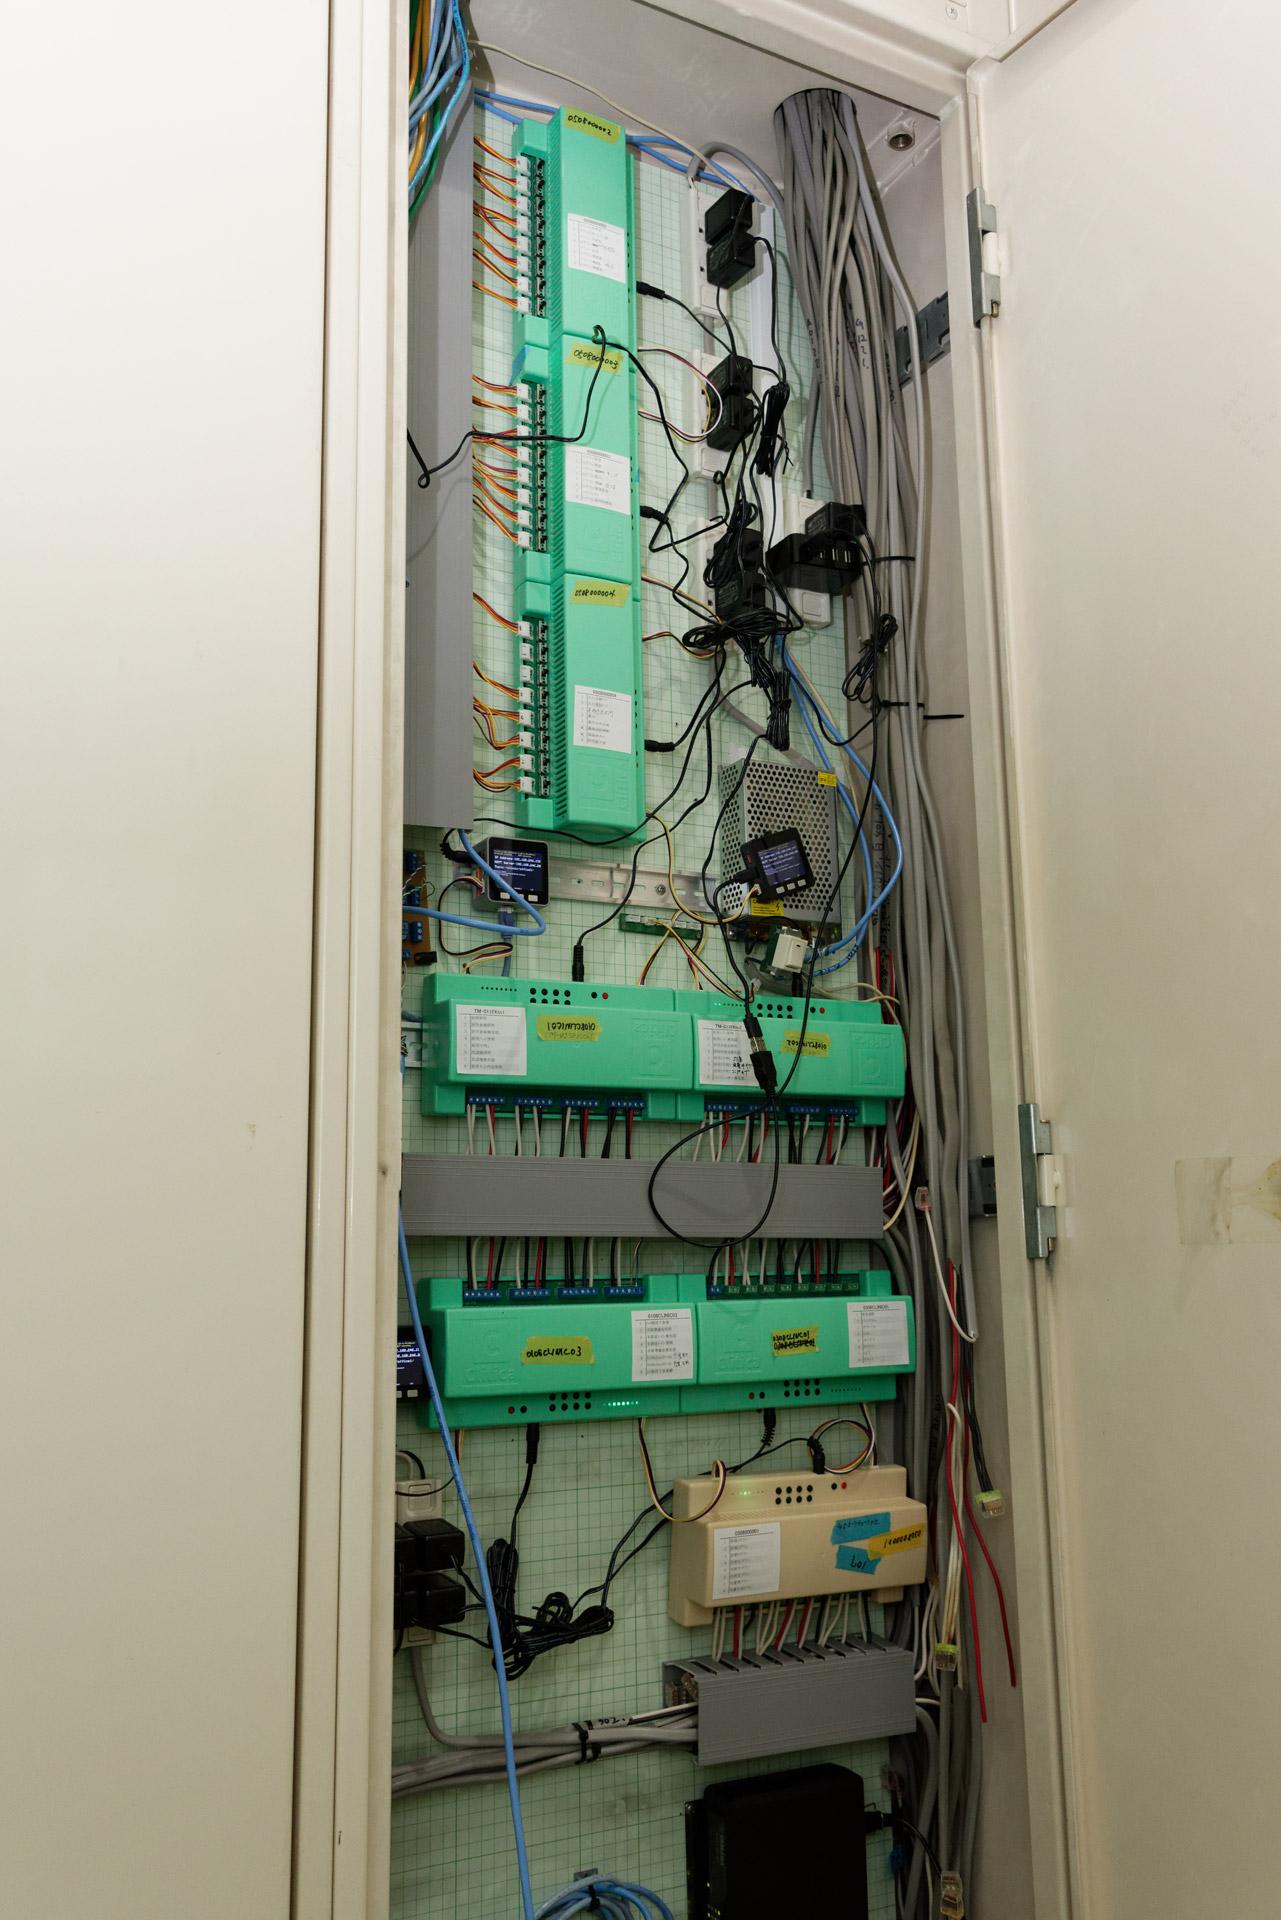 配電盤に設置された自作のHA機器類。緑色のボックスと小さな液晶モニター付きのデバイスがそれ